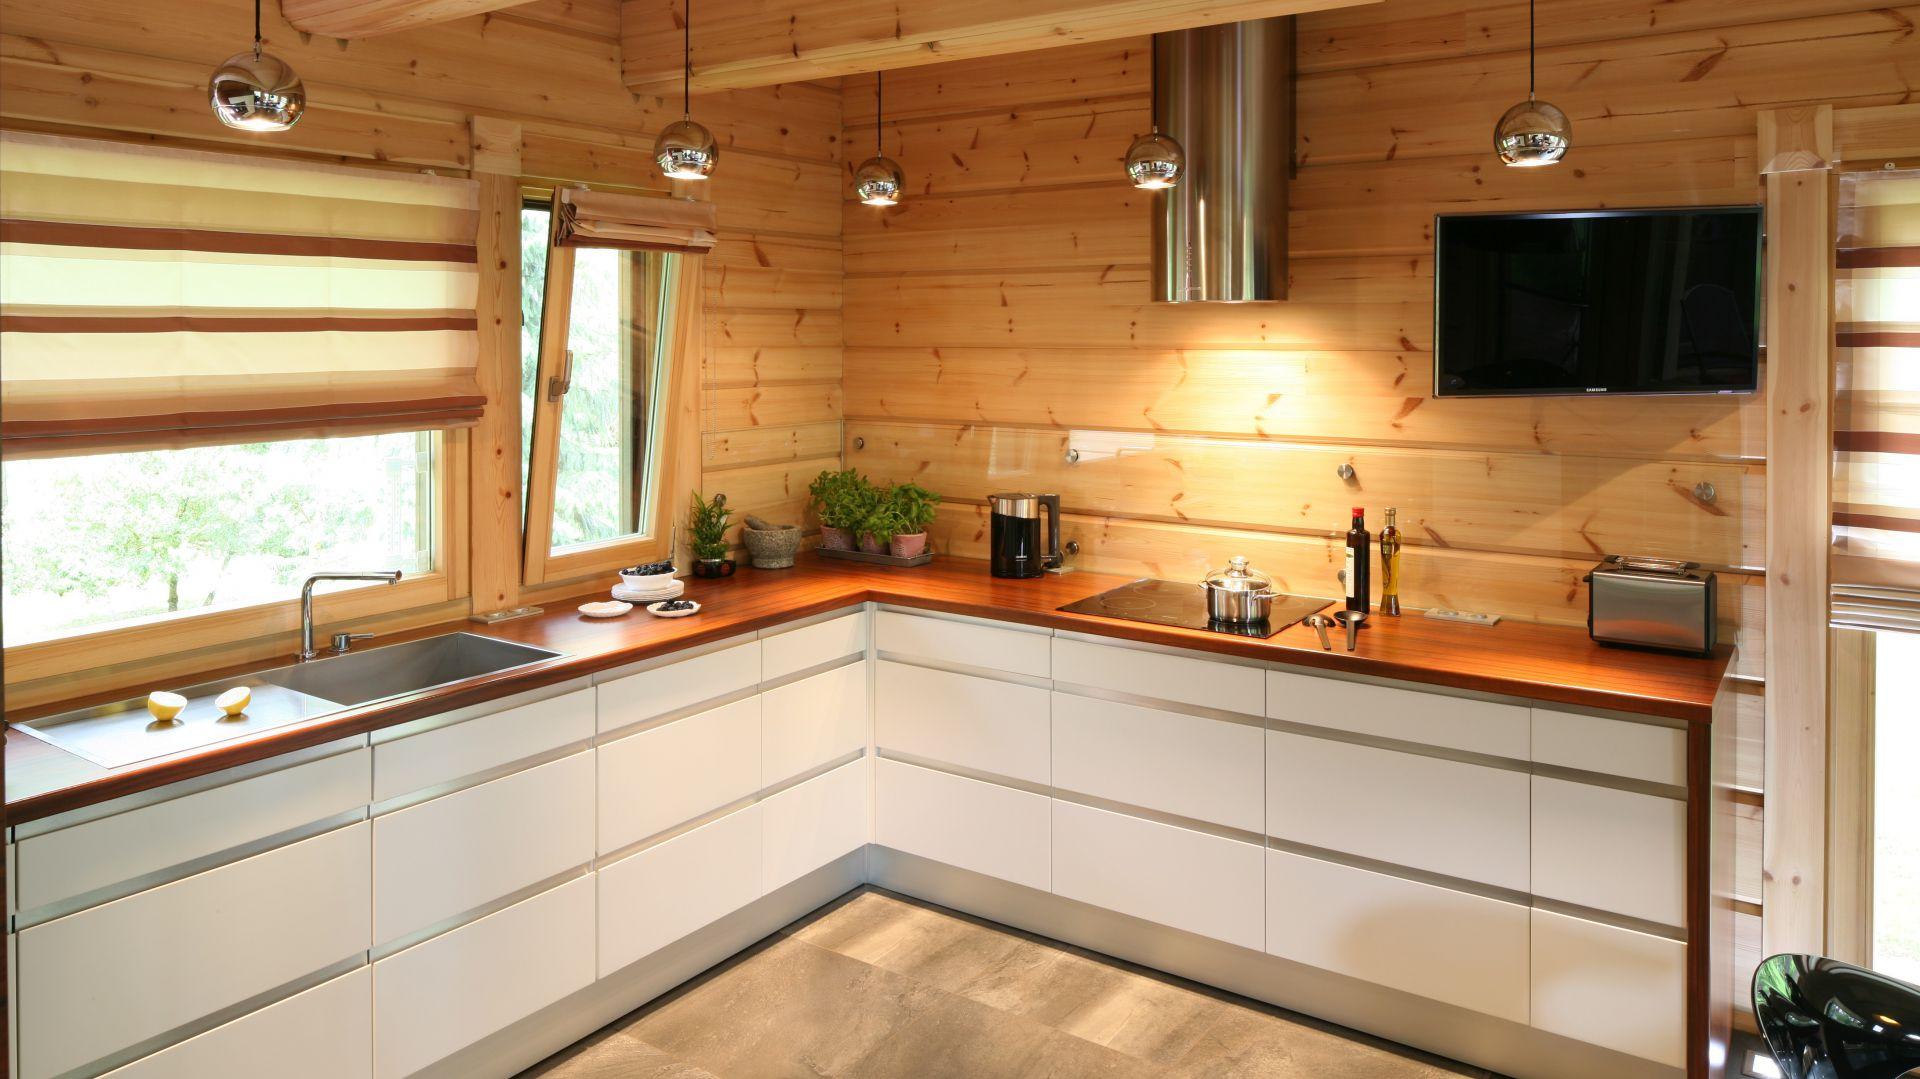 Kuchnia W Domu Z Drewna Nowoczesna I Piękna